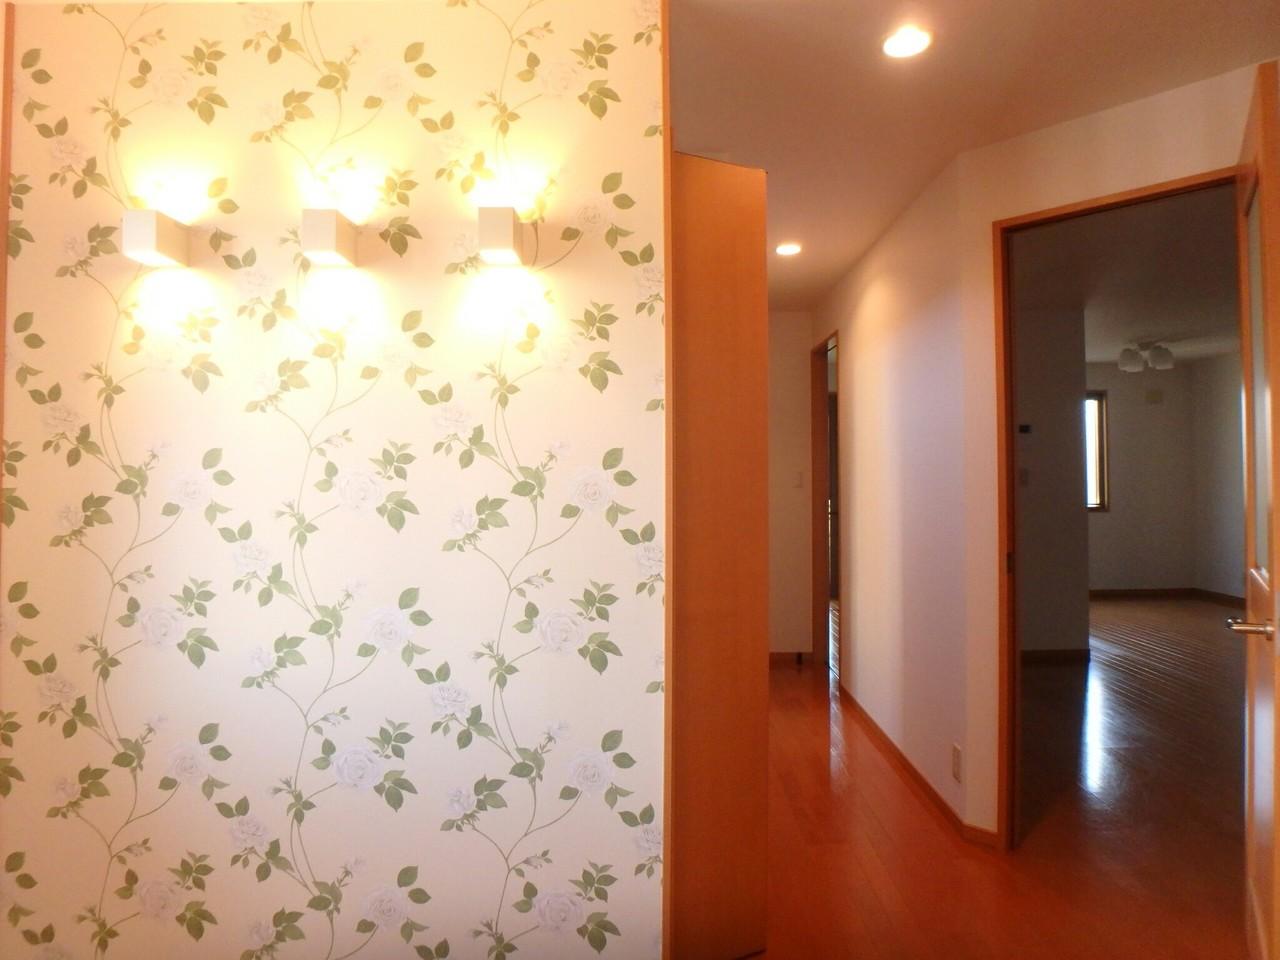 照明とクロスがお部屋をオシャレに演出していますね♪ 2017年12月全室クロス張替済です。 建具(室内ドア)なども交換済。(2018年1月23日撮影)